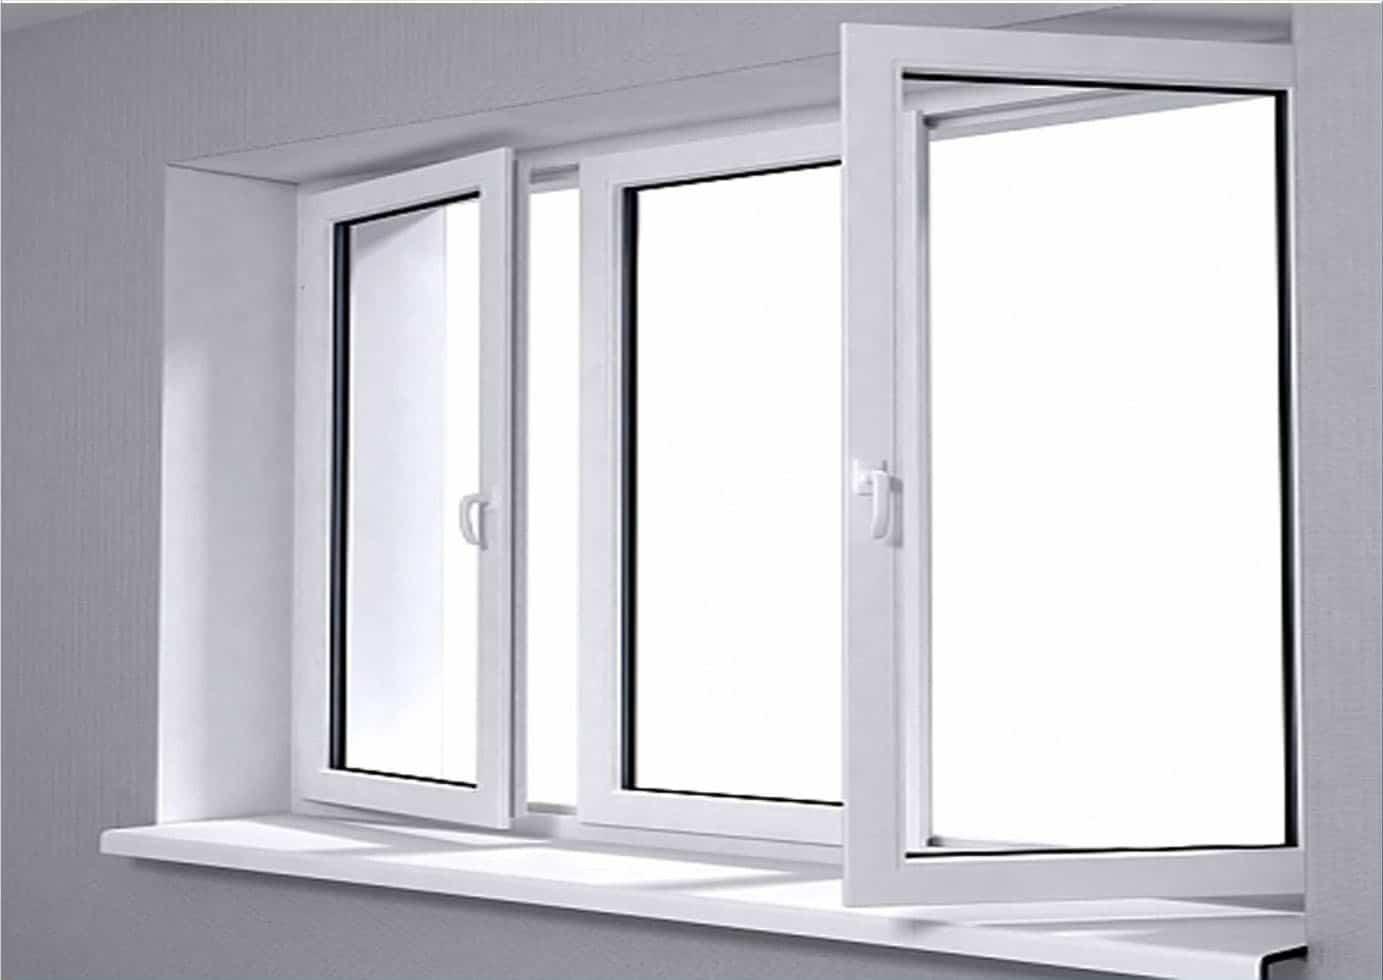 Mẫu cửa sổ mở quay nhôm kính cao cấp